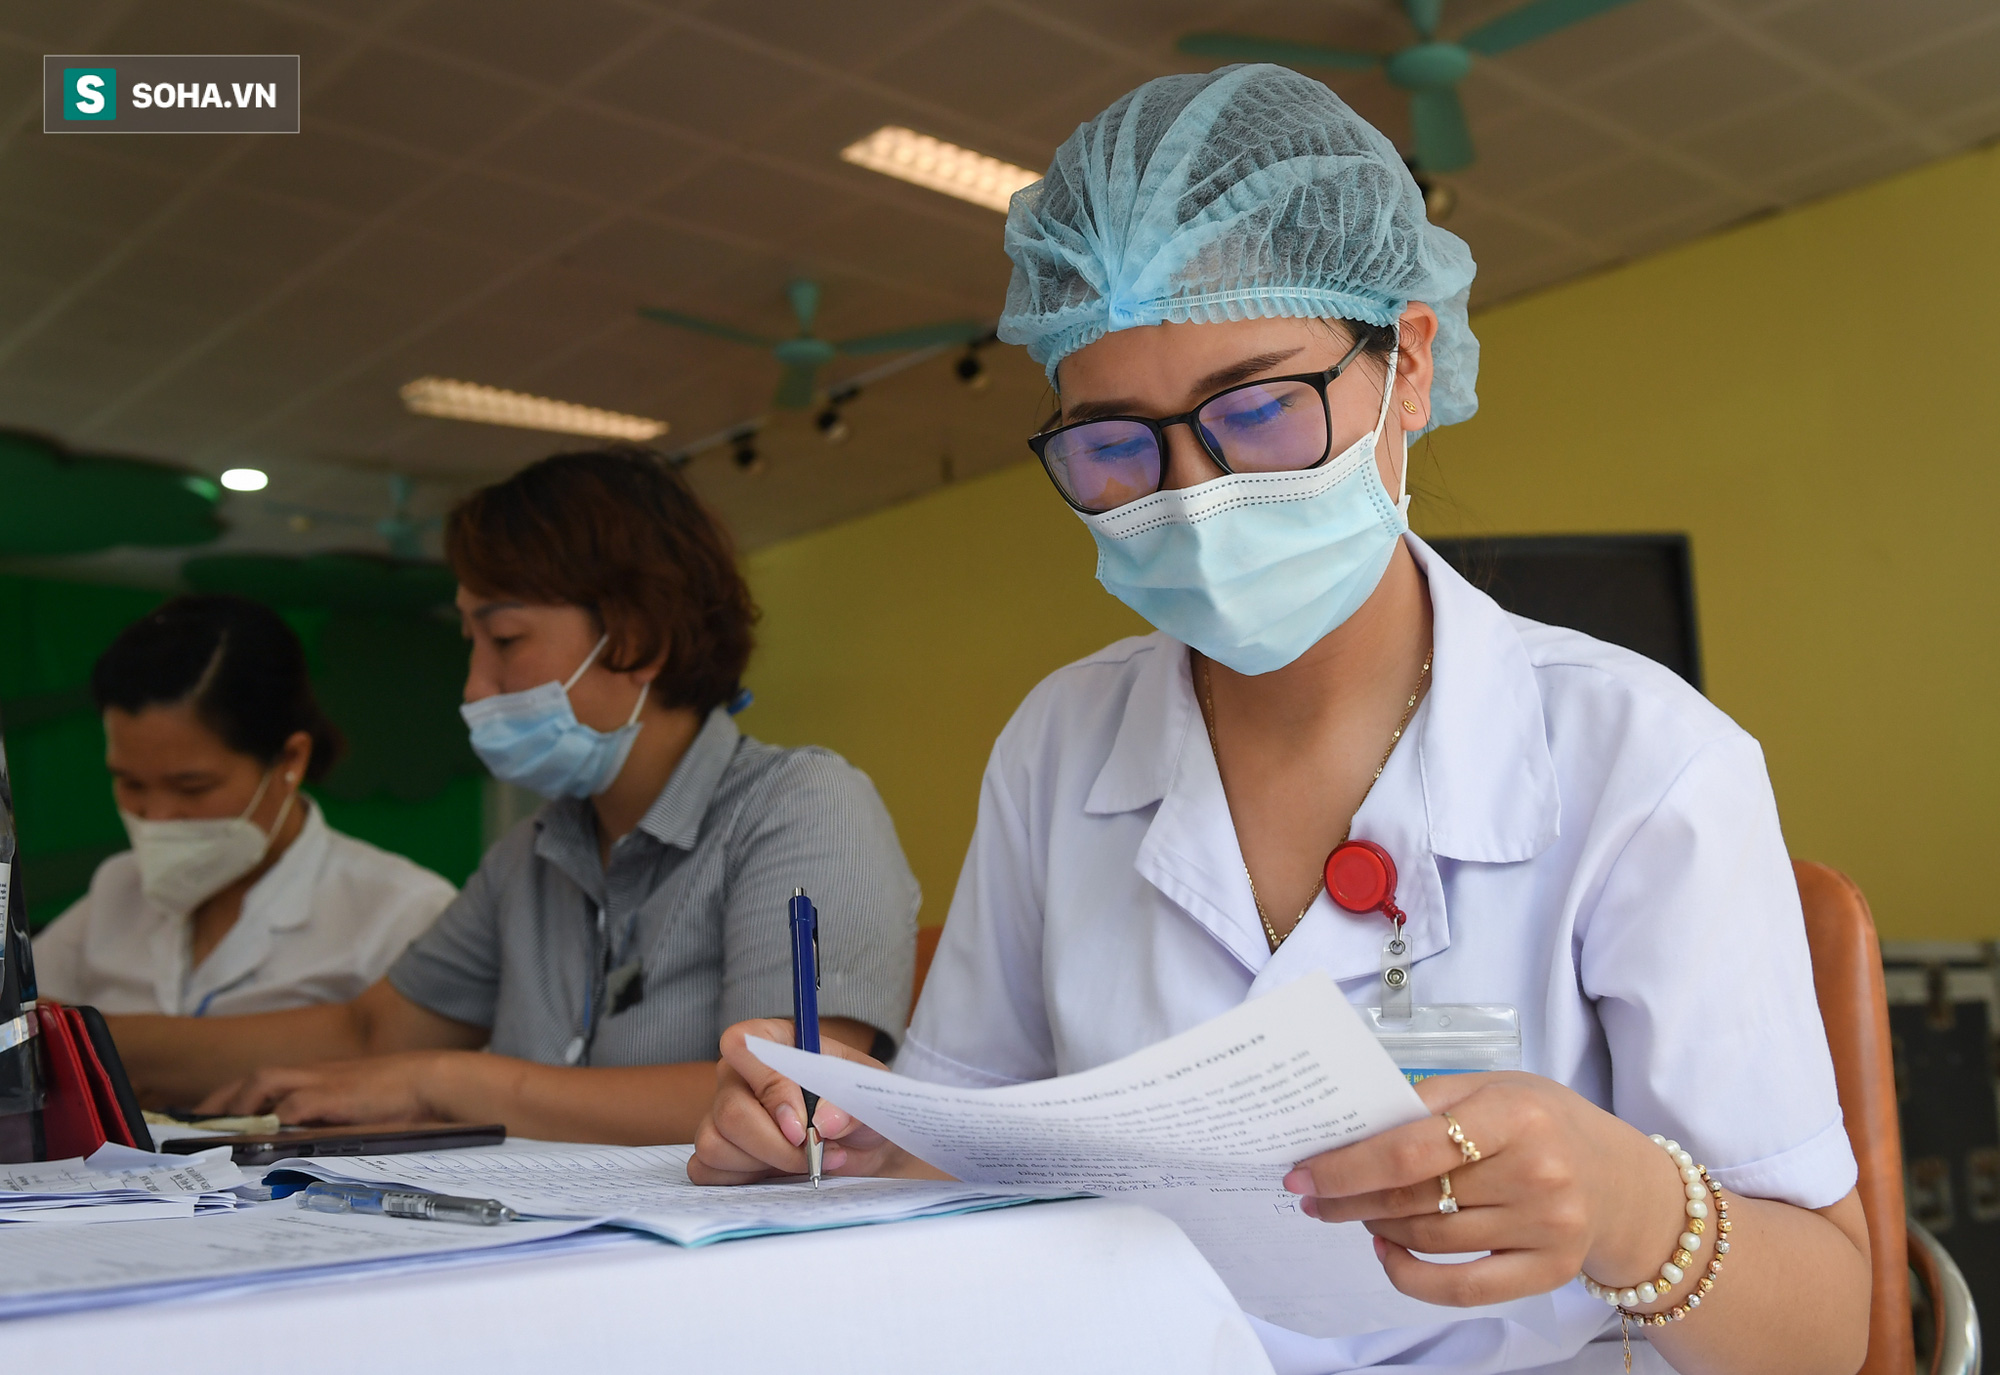 Hà Nội bắt đầu tiêm vaccine Covid-19 trên diện rộng - Ảnh 9.